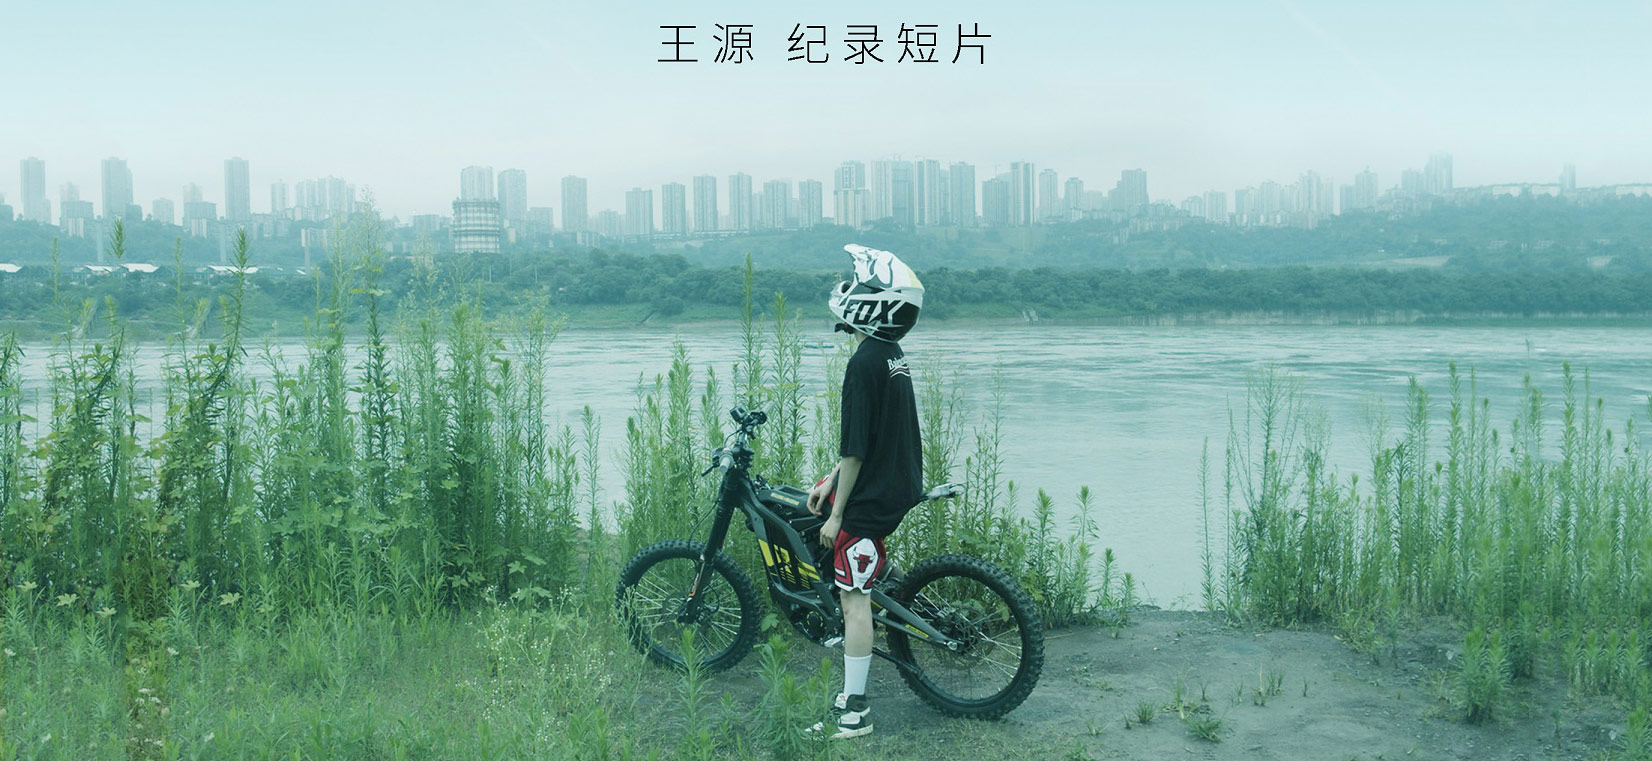 王源个人纪录短片